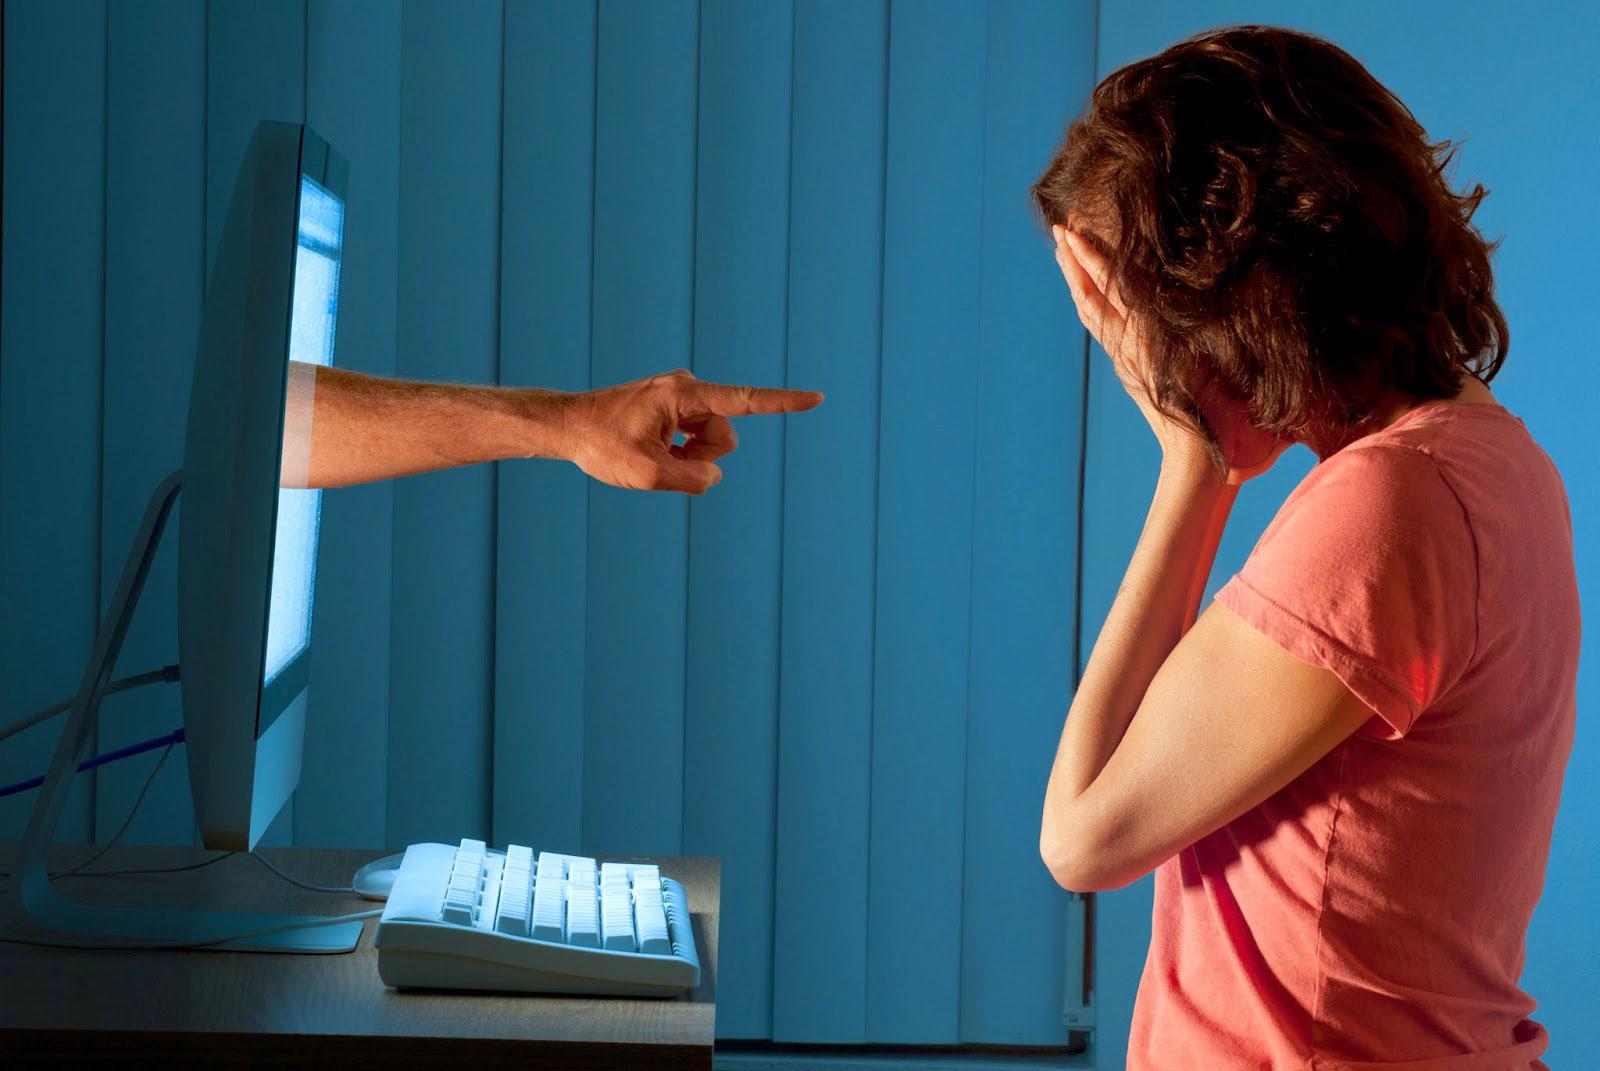 ¿Has sufrido acoso cibernético? ¡Identifica sus modalidades y protégete!